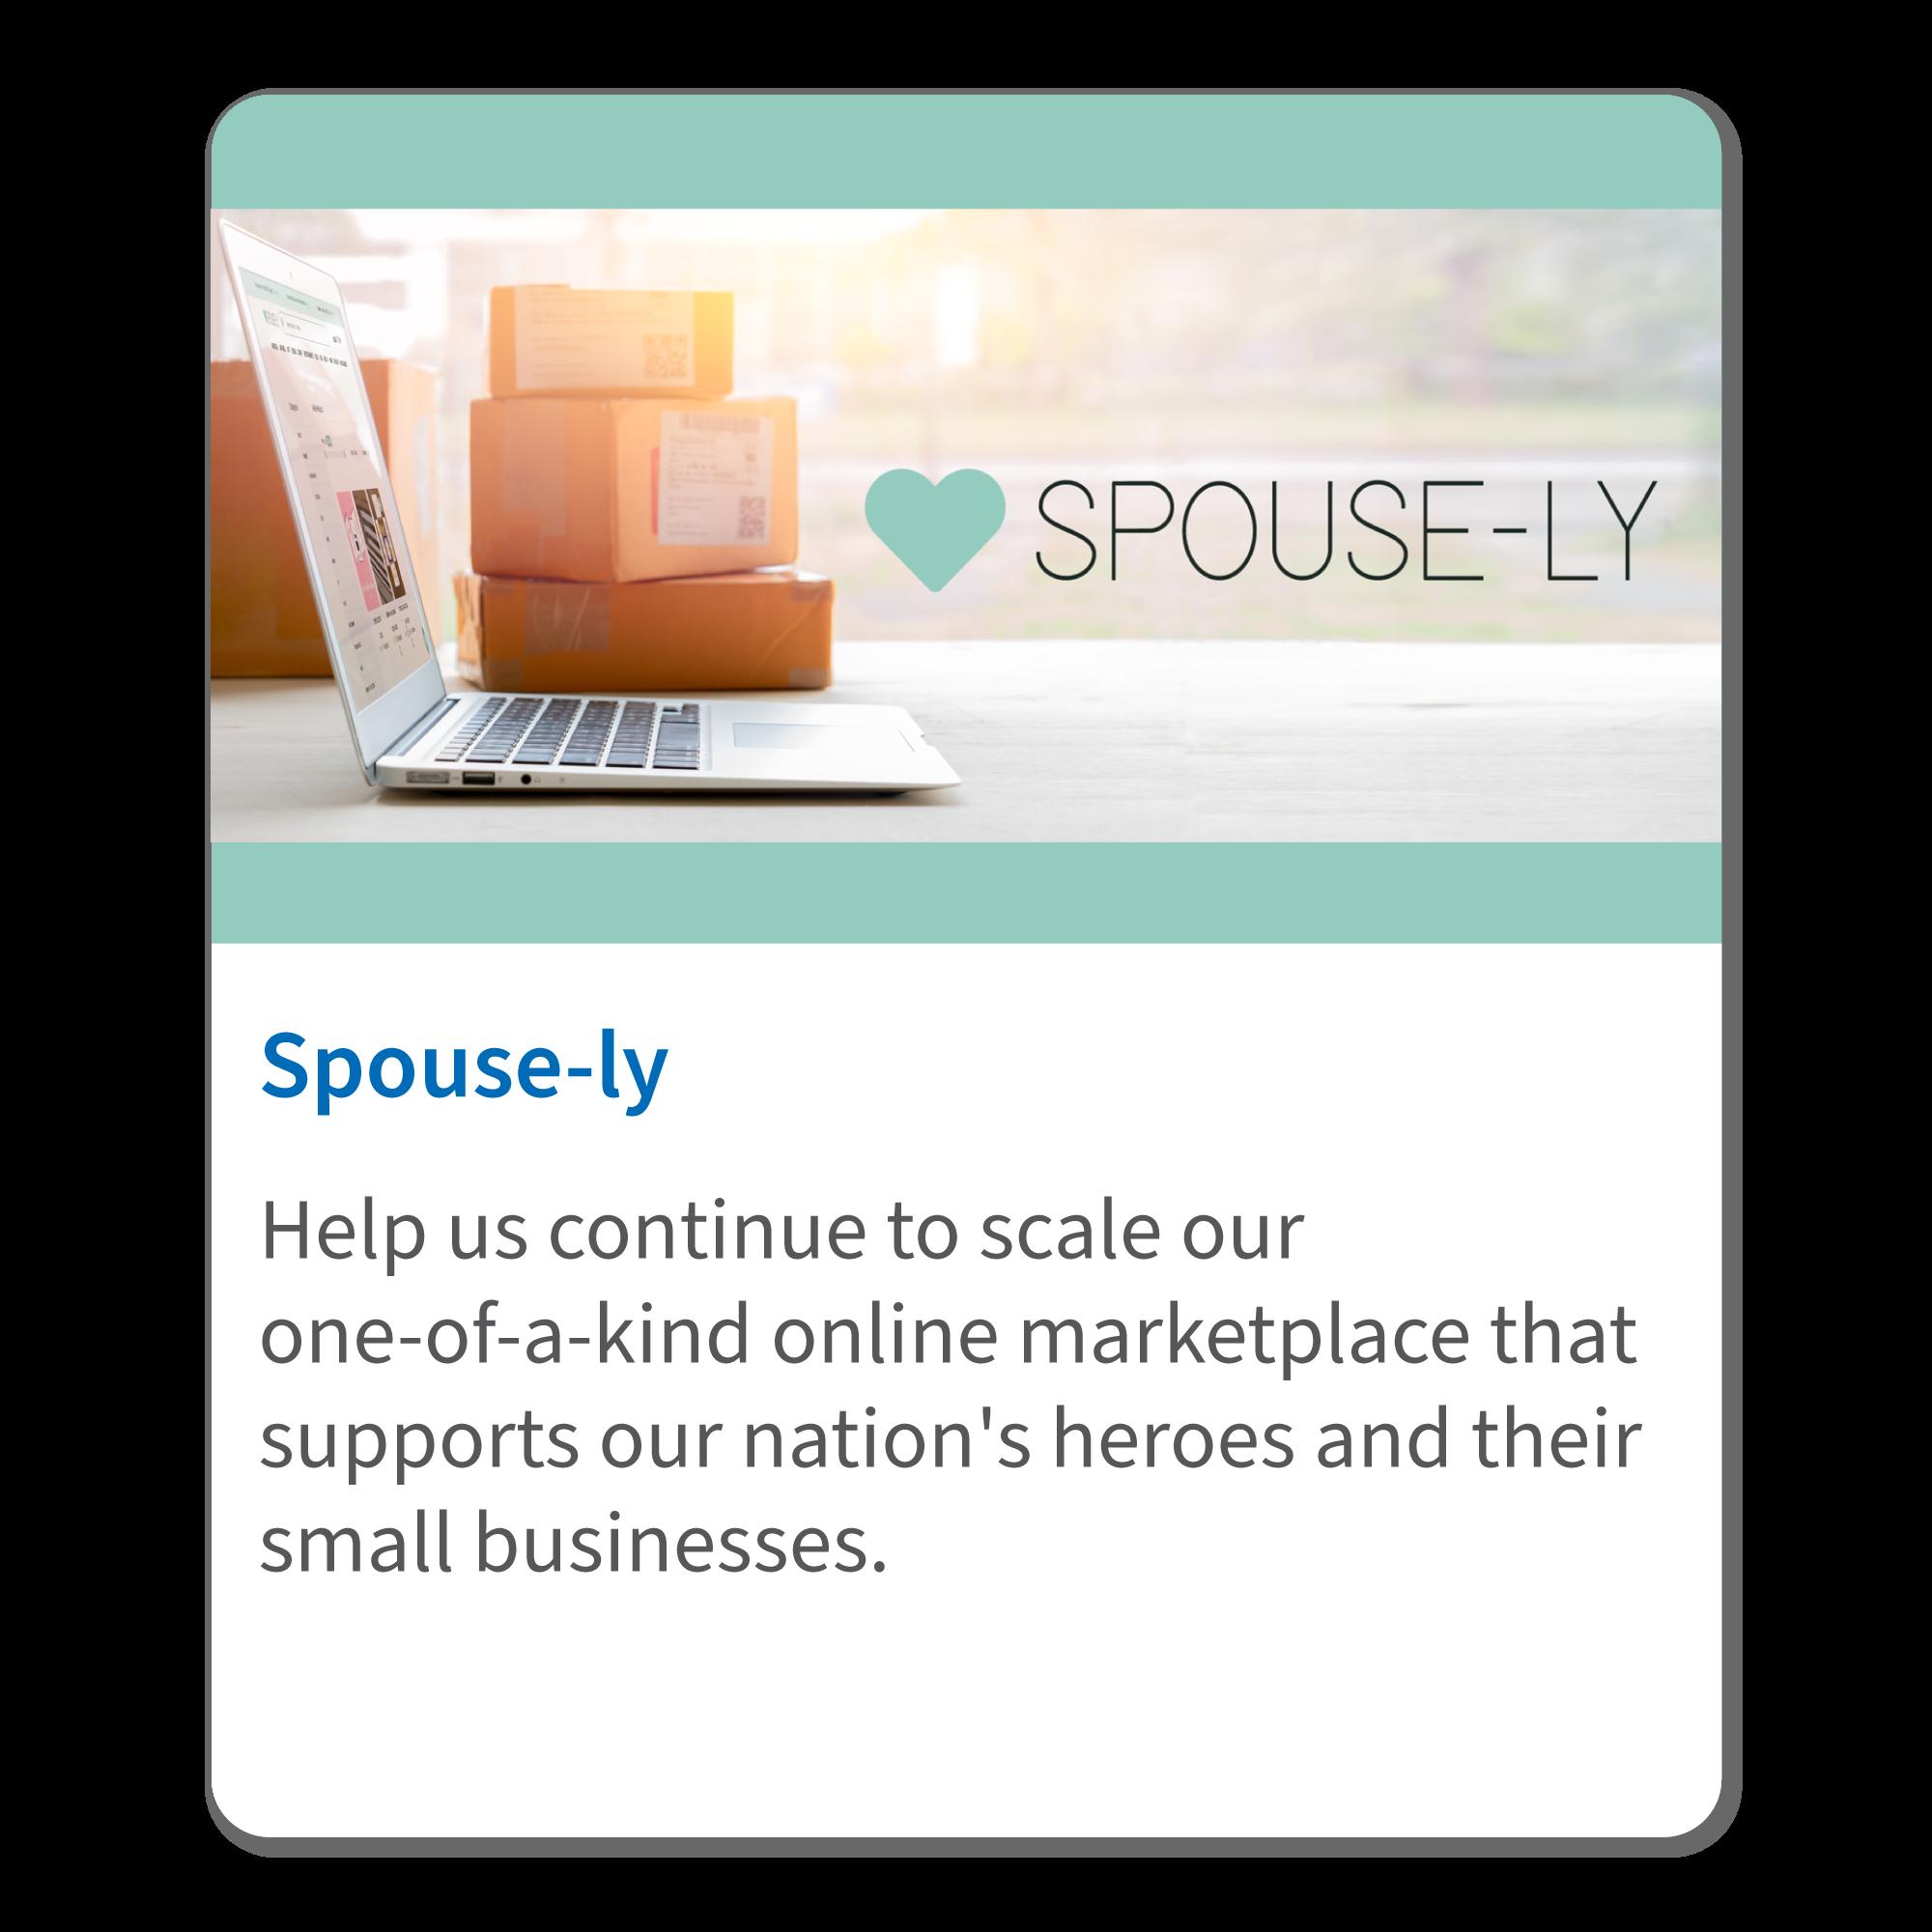 Spouse-ly Deal tile